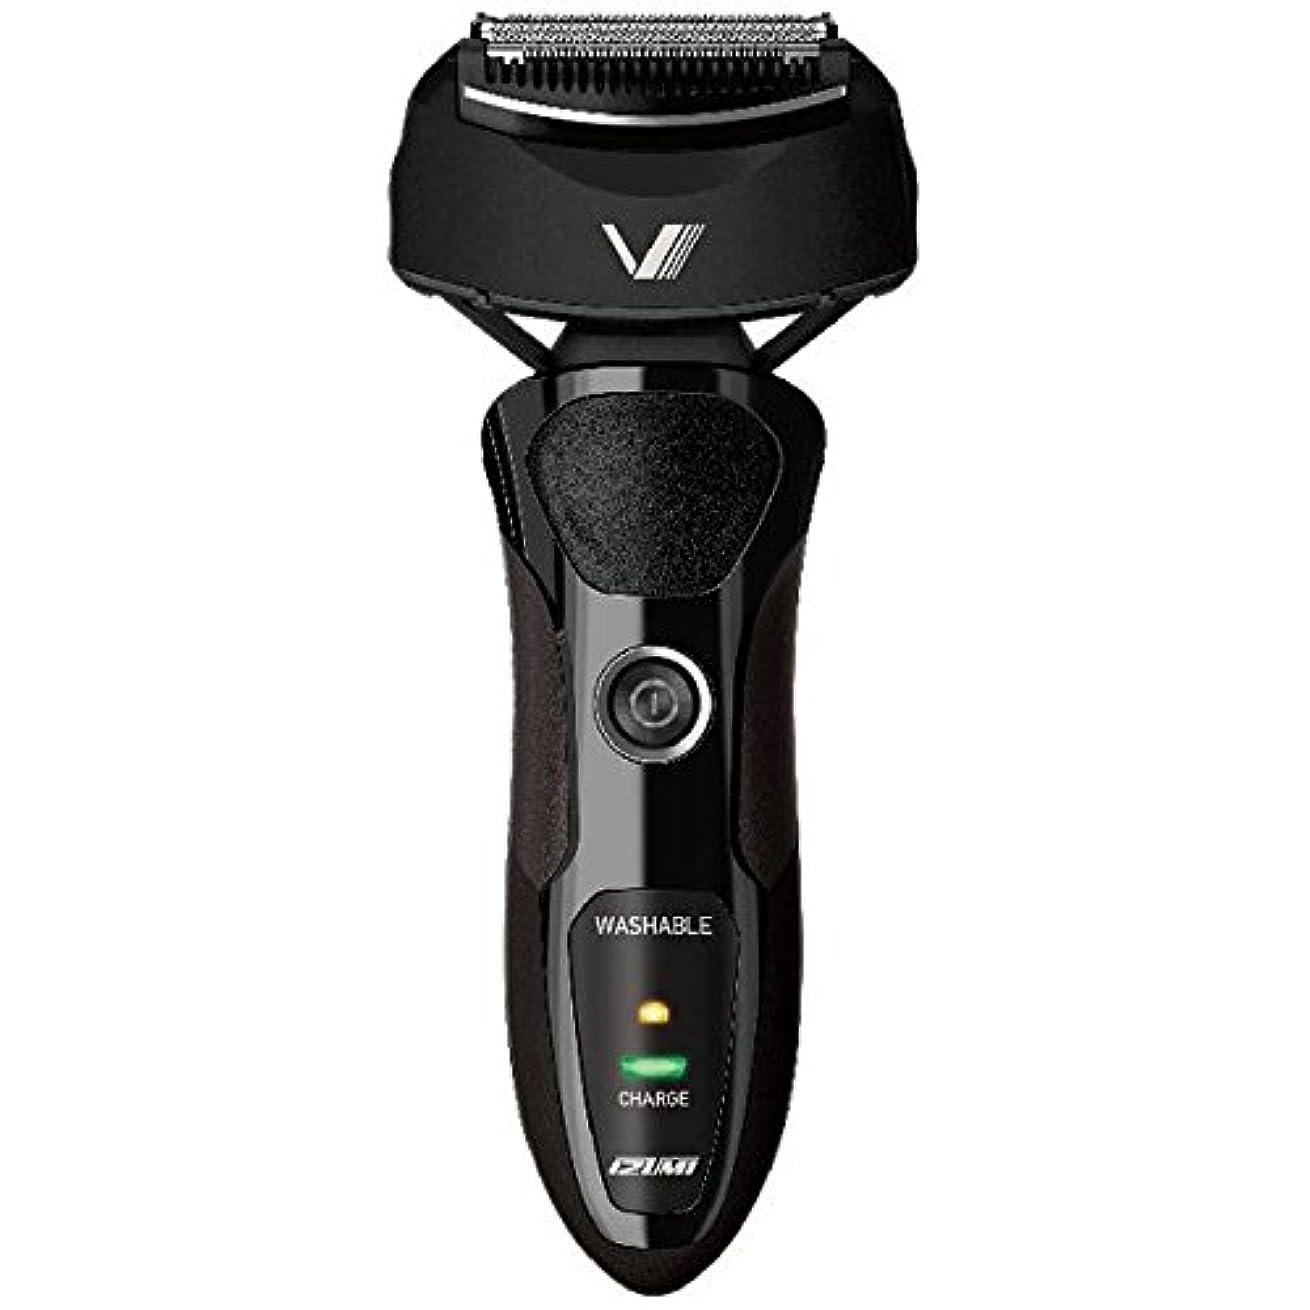 わずかに前進速いIZUMI VIDAN 往復式シェーバー 深剃りシリーズ 3枚刃 ブラック IZF-V36-K